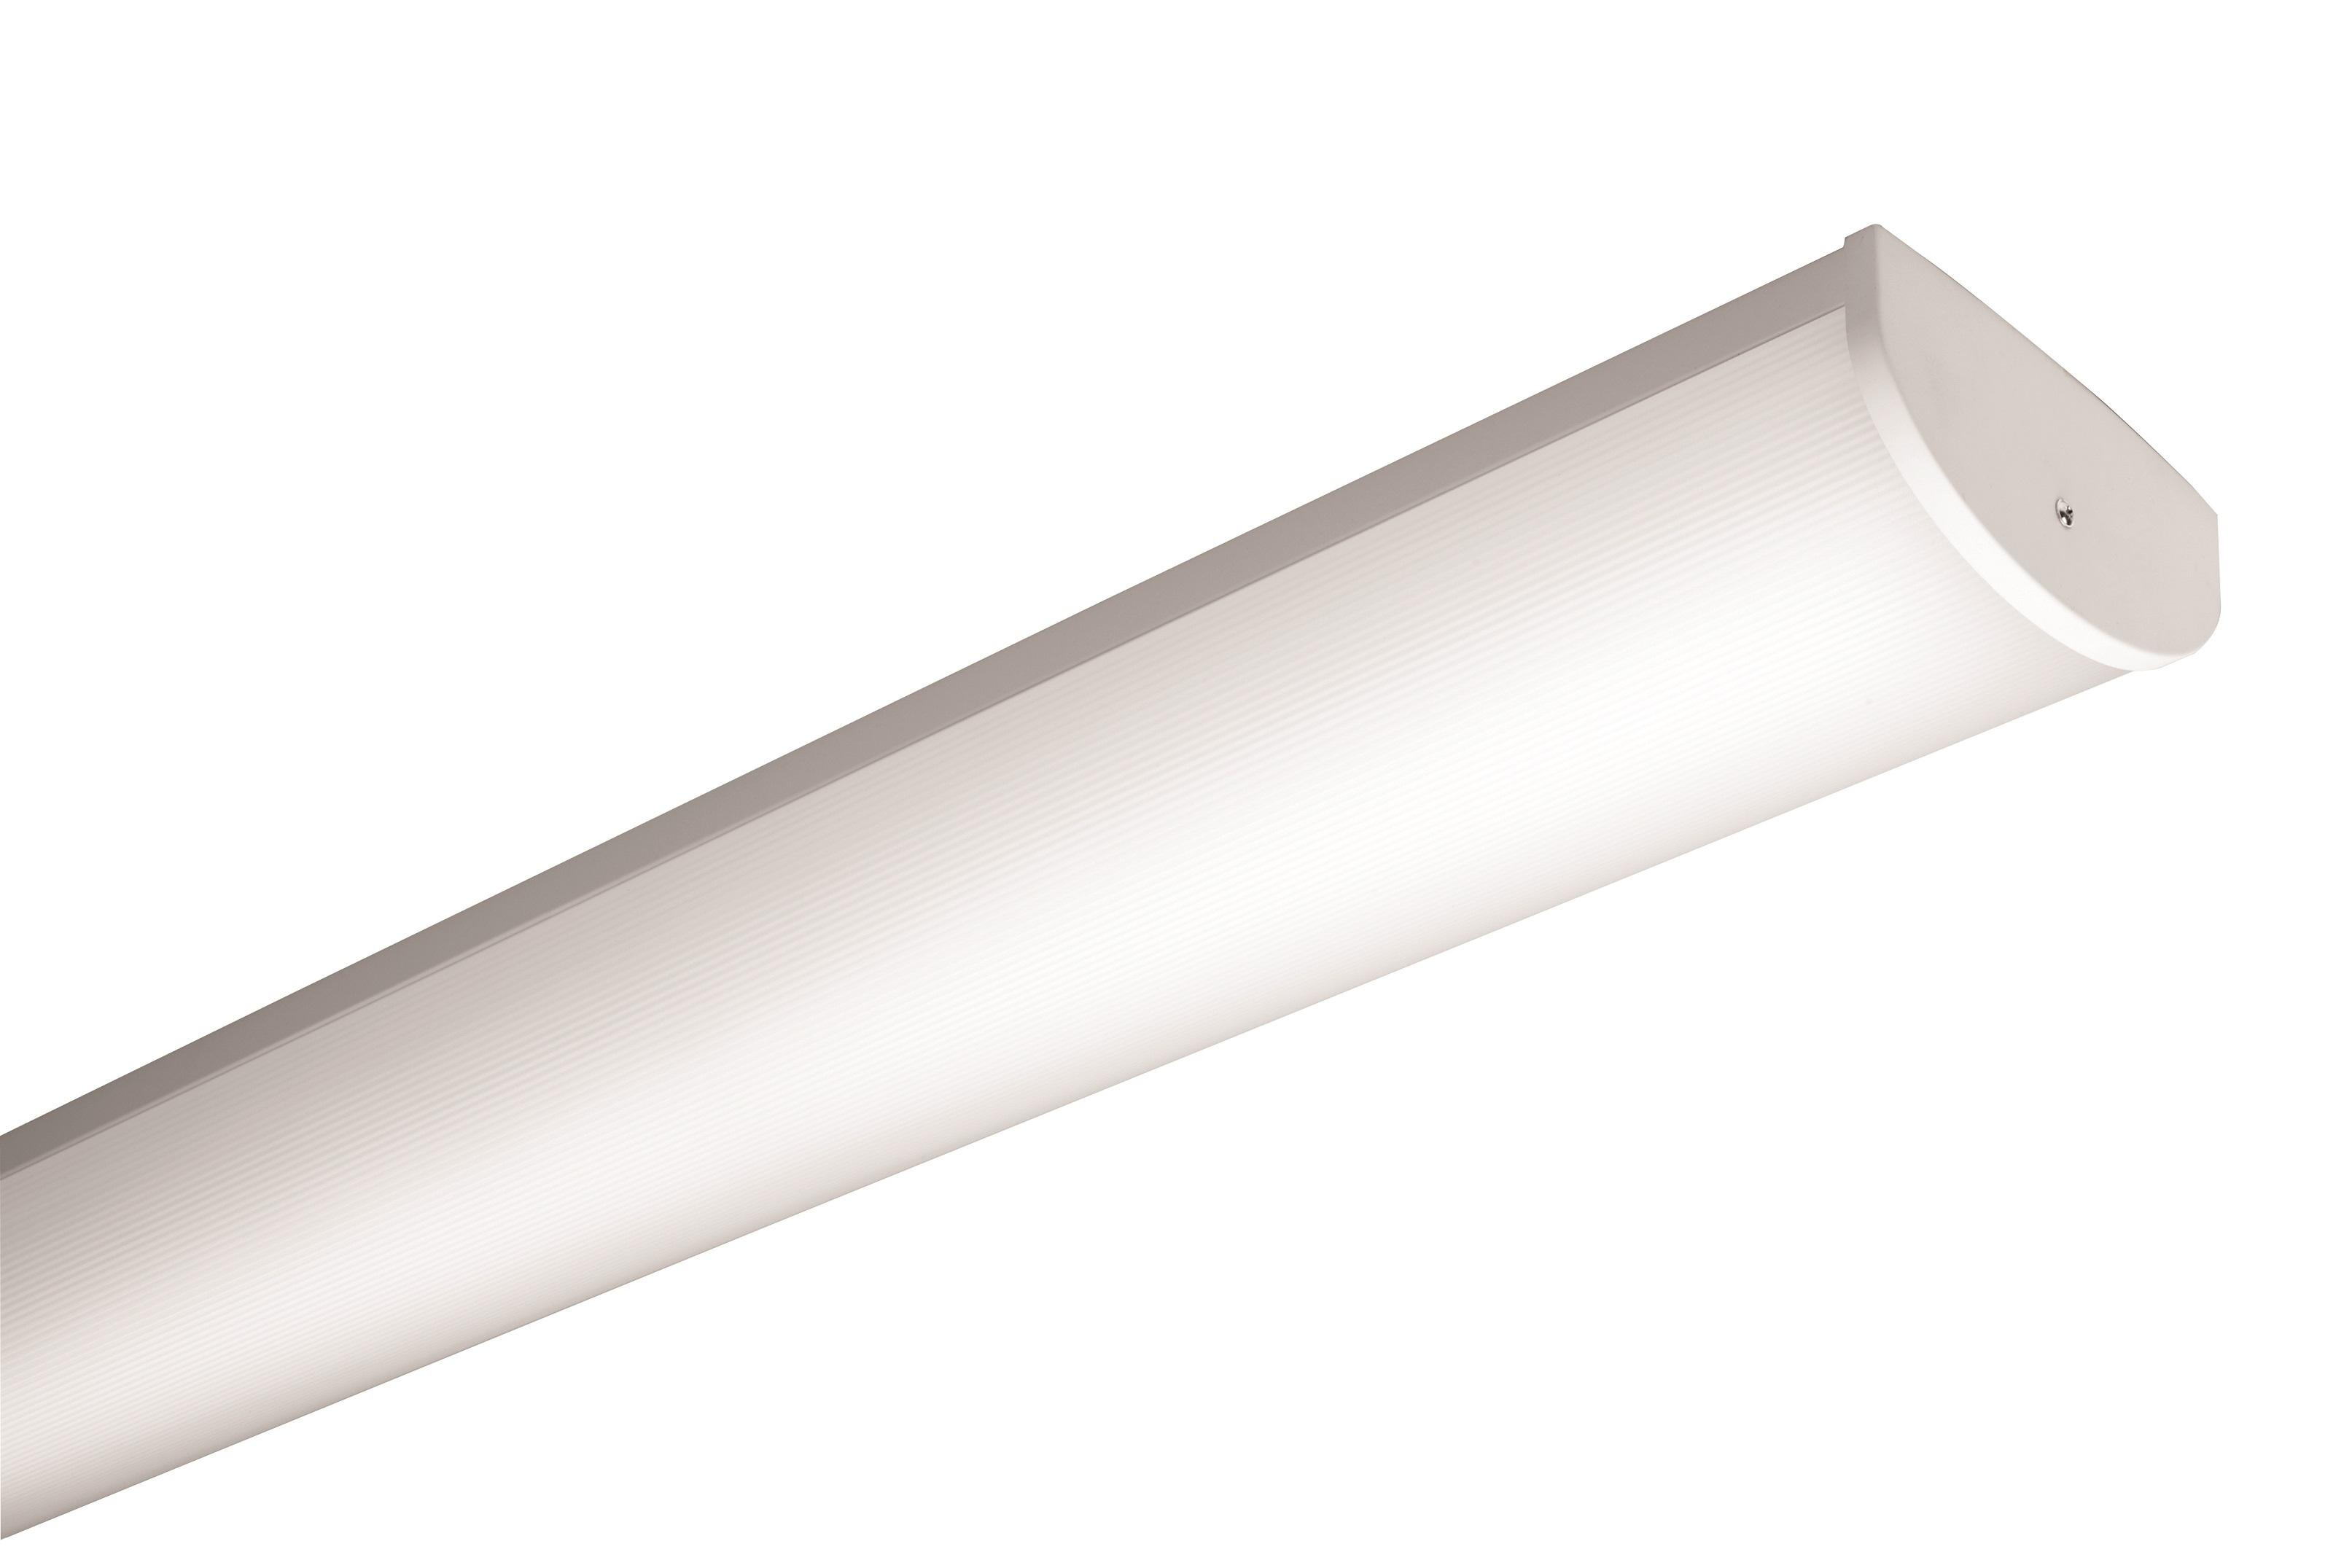 Wavelite LED luminaire